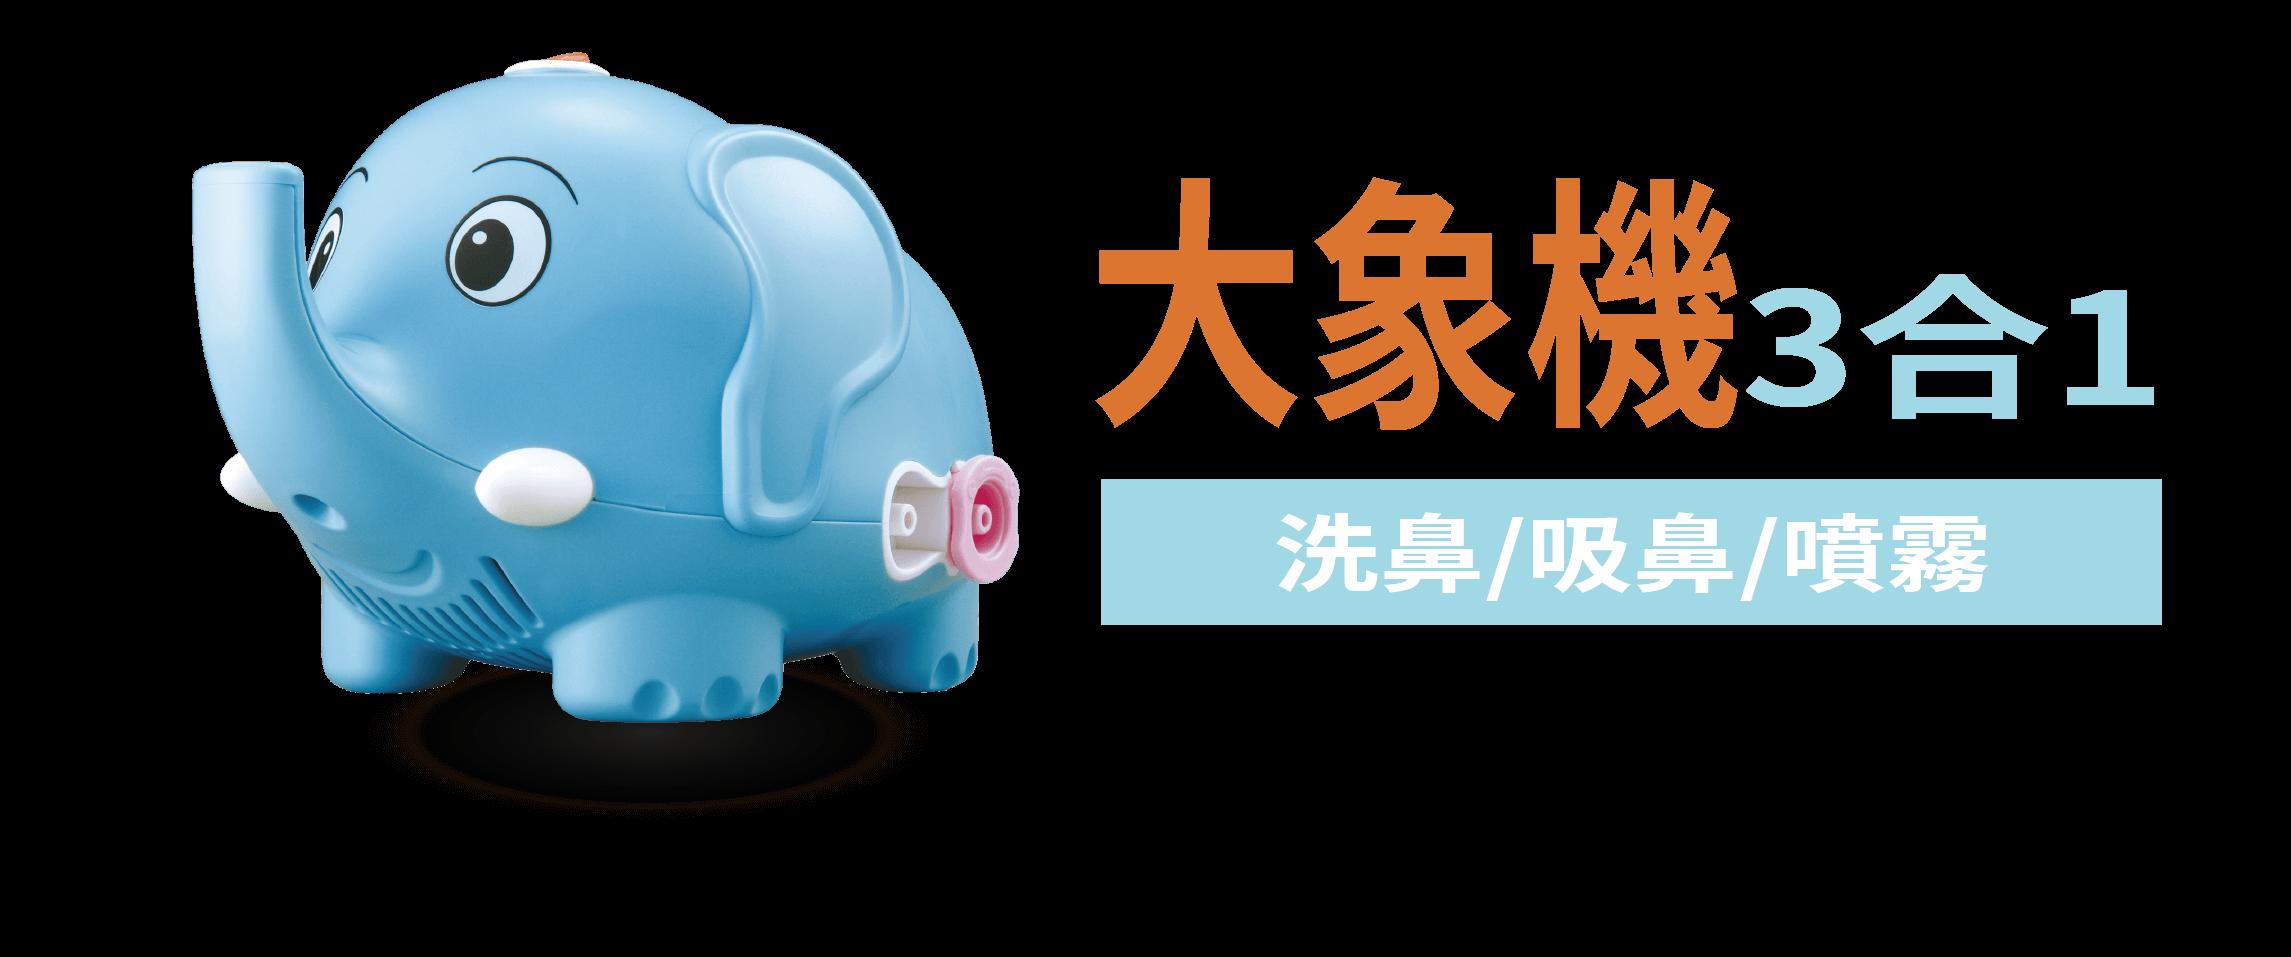 大象機3合1 、洗鼻、吸鼻、噴霧